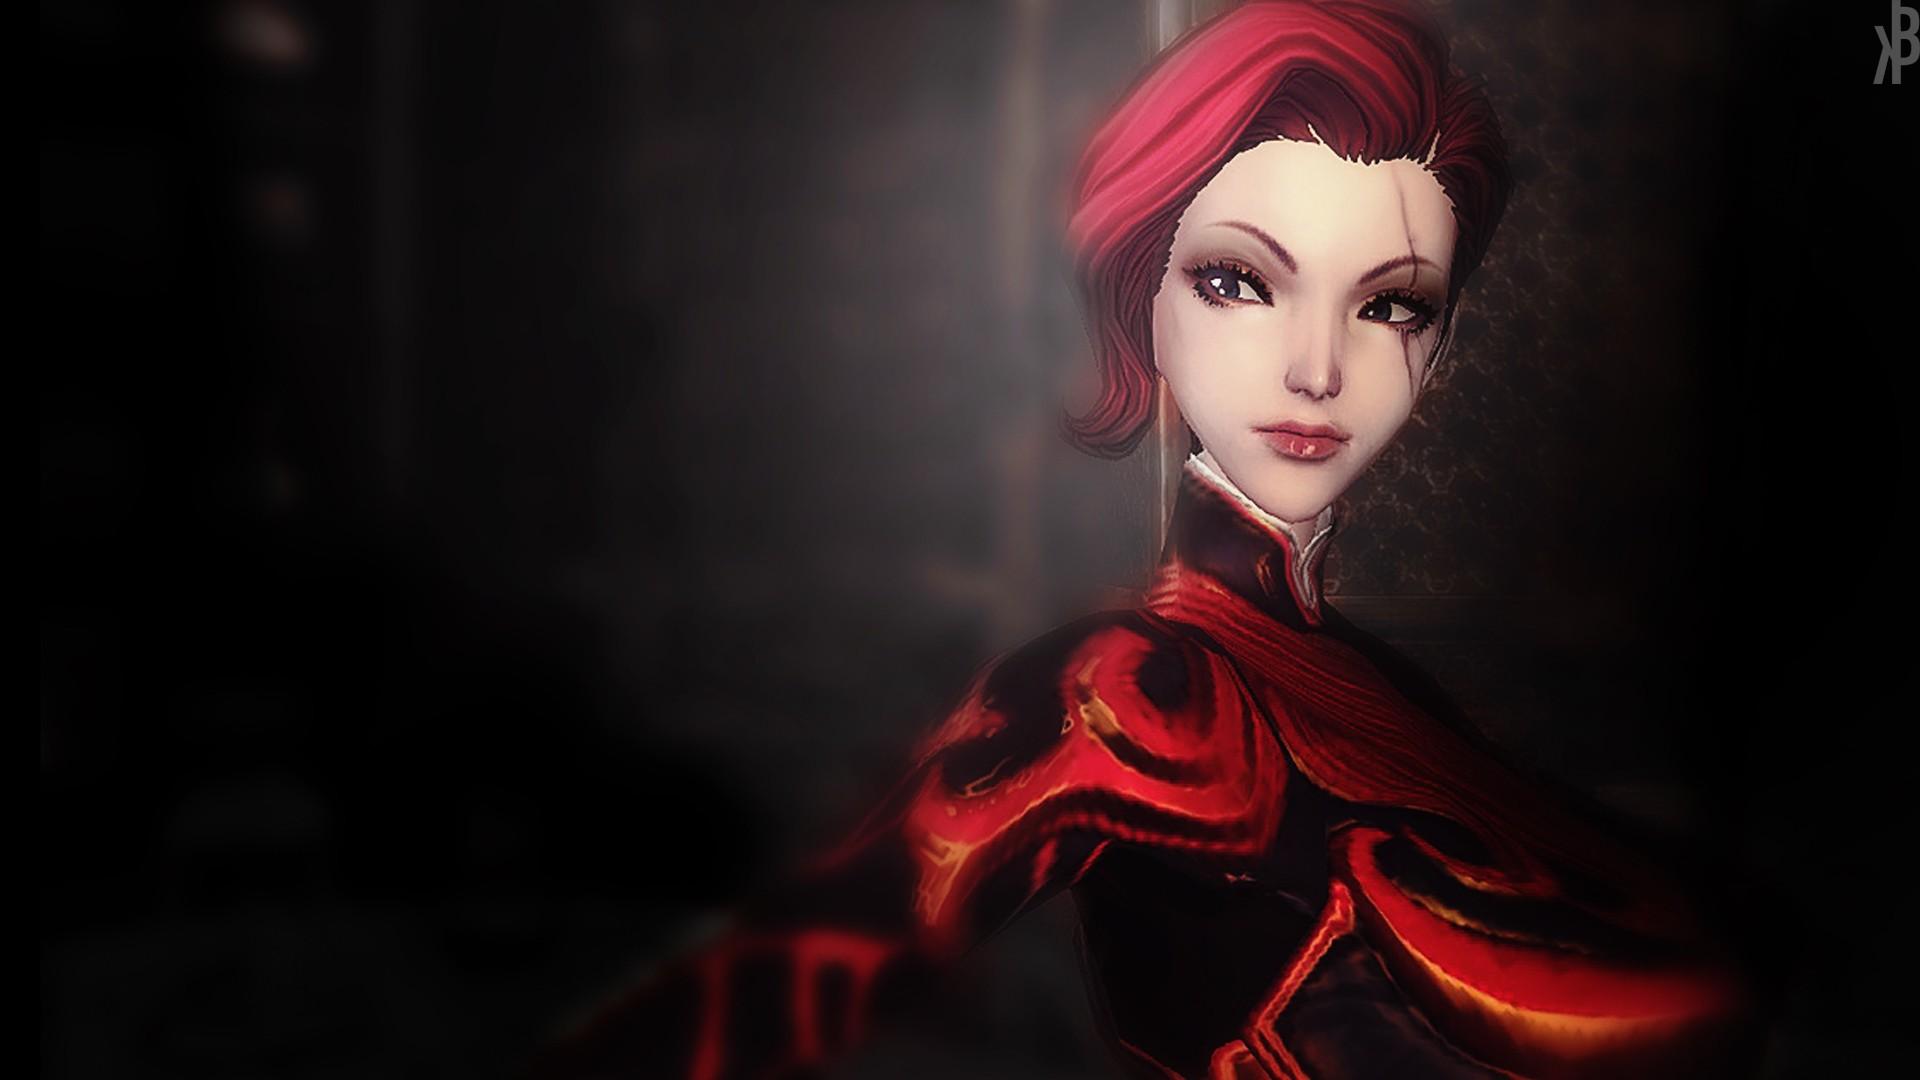 デスクトップ壁紙 ビデオゲーム 女性 赤 黒髪 人形 ブレード